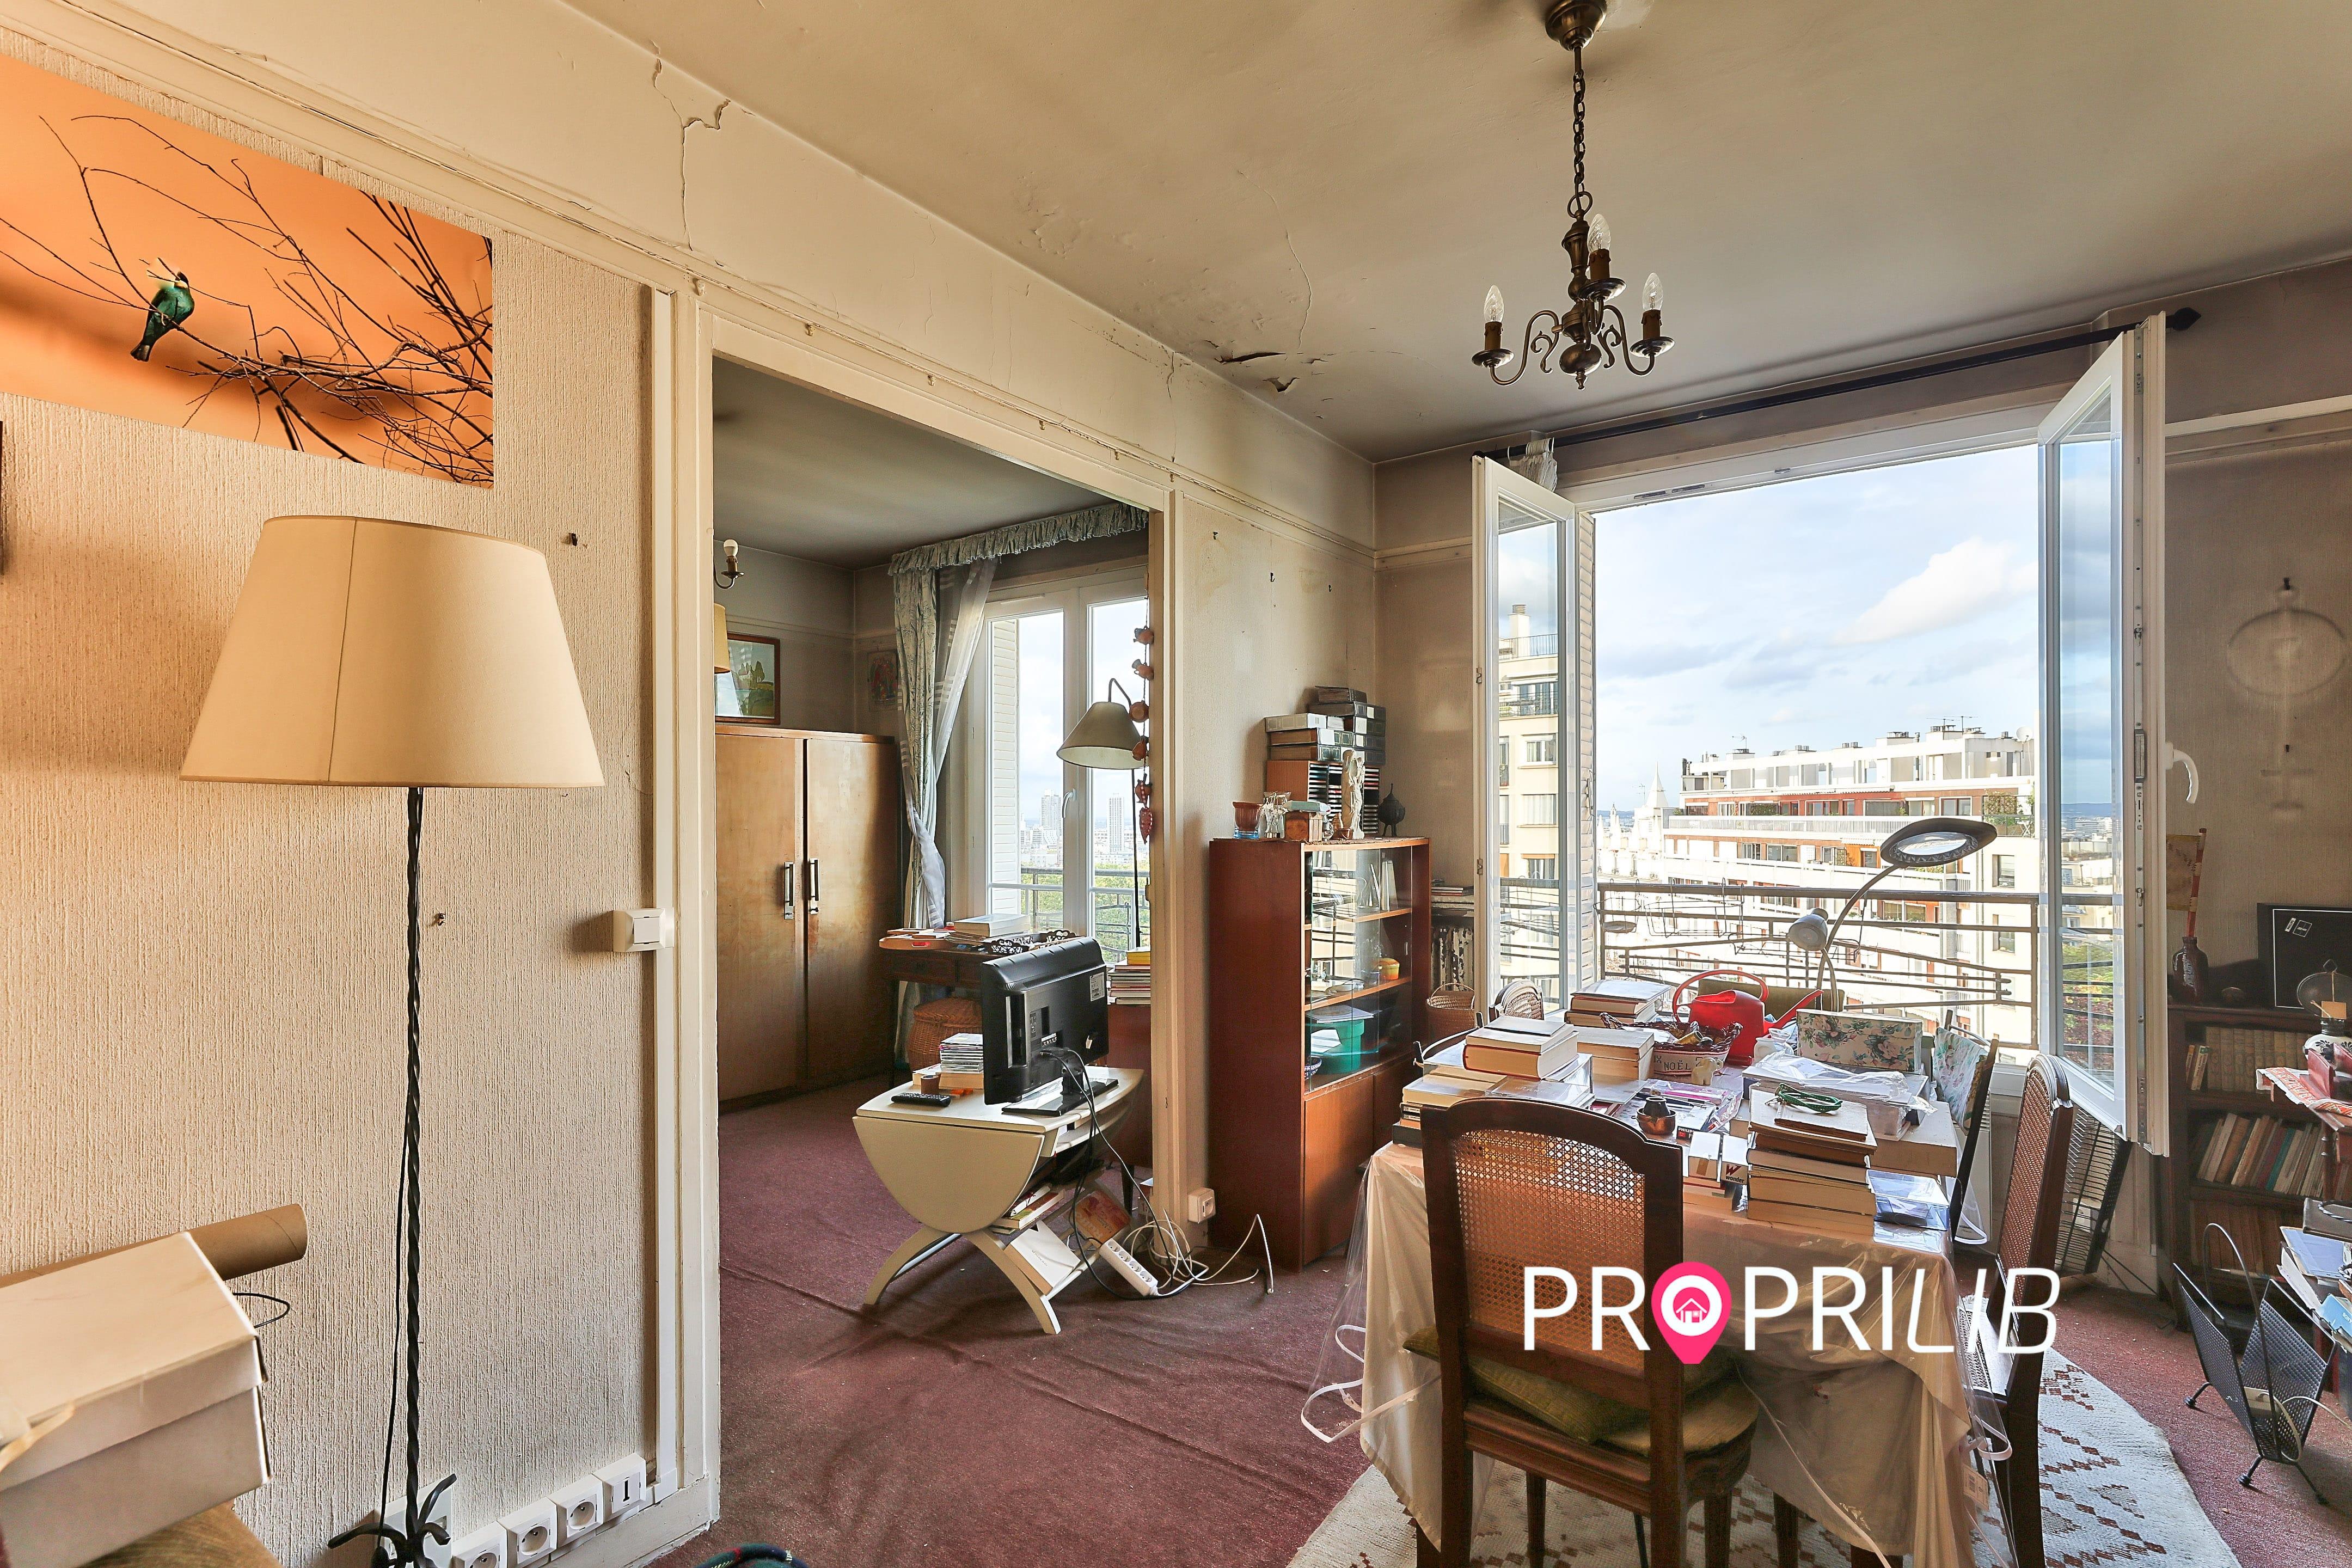 PropriLib l'agence immobilière sans commission vend cet appartement à Paris 19 ème